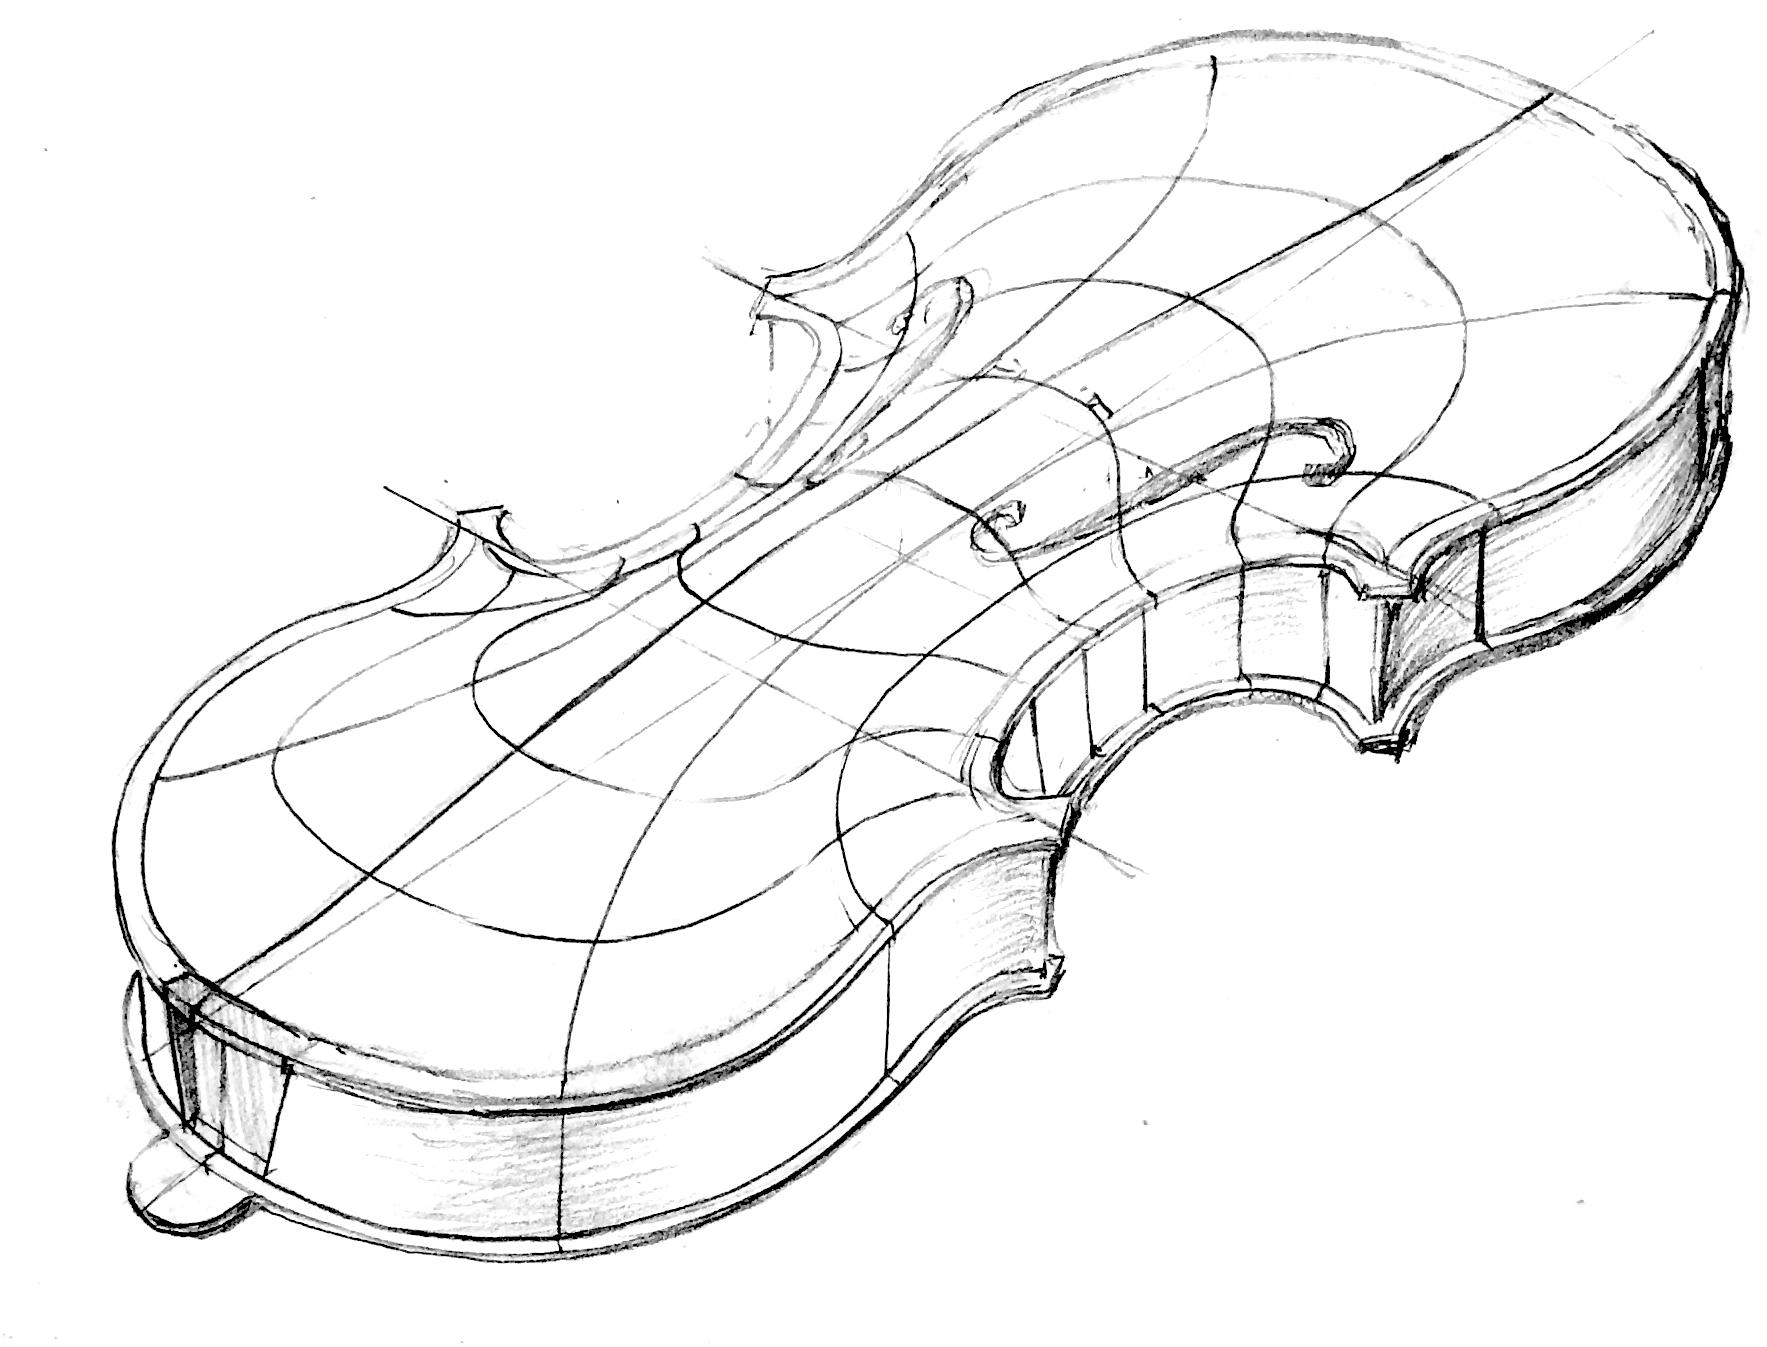 Brian Chan's violin sketch